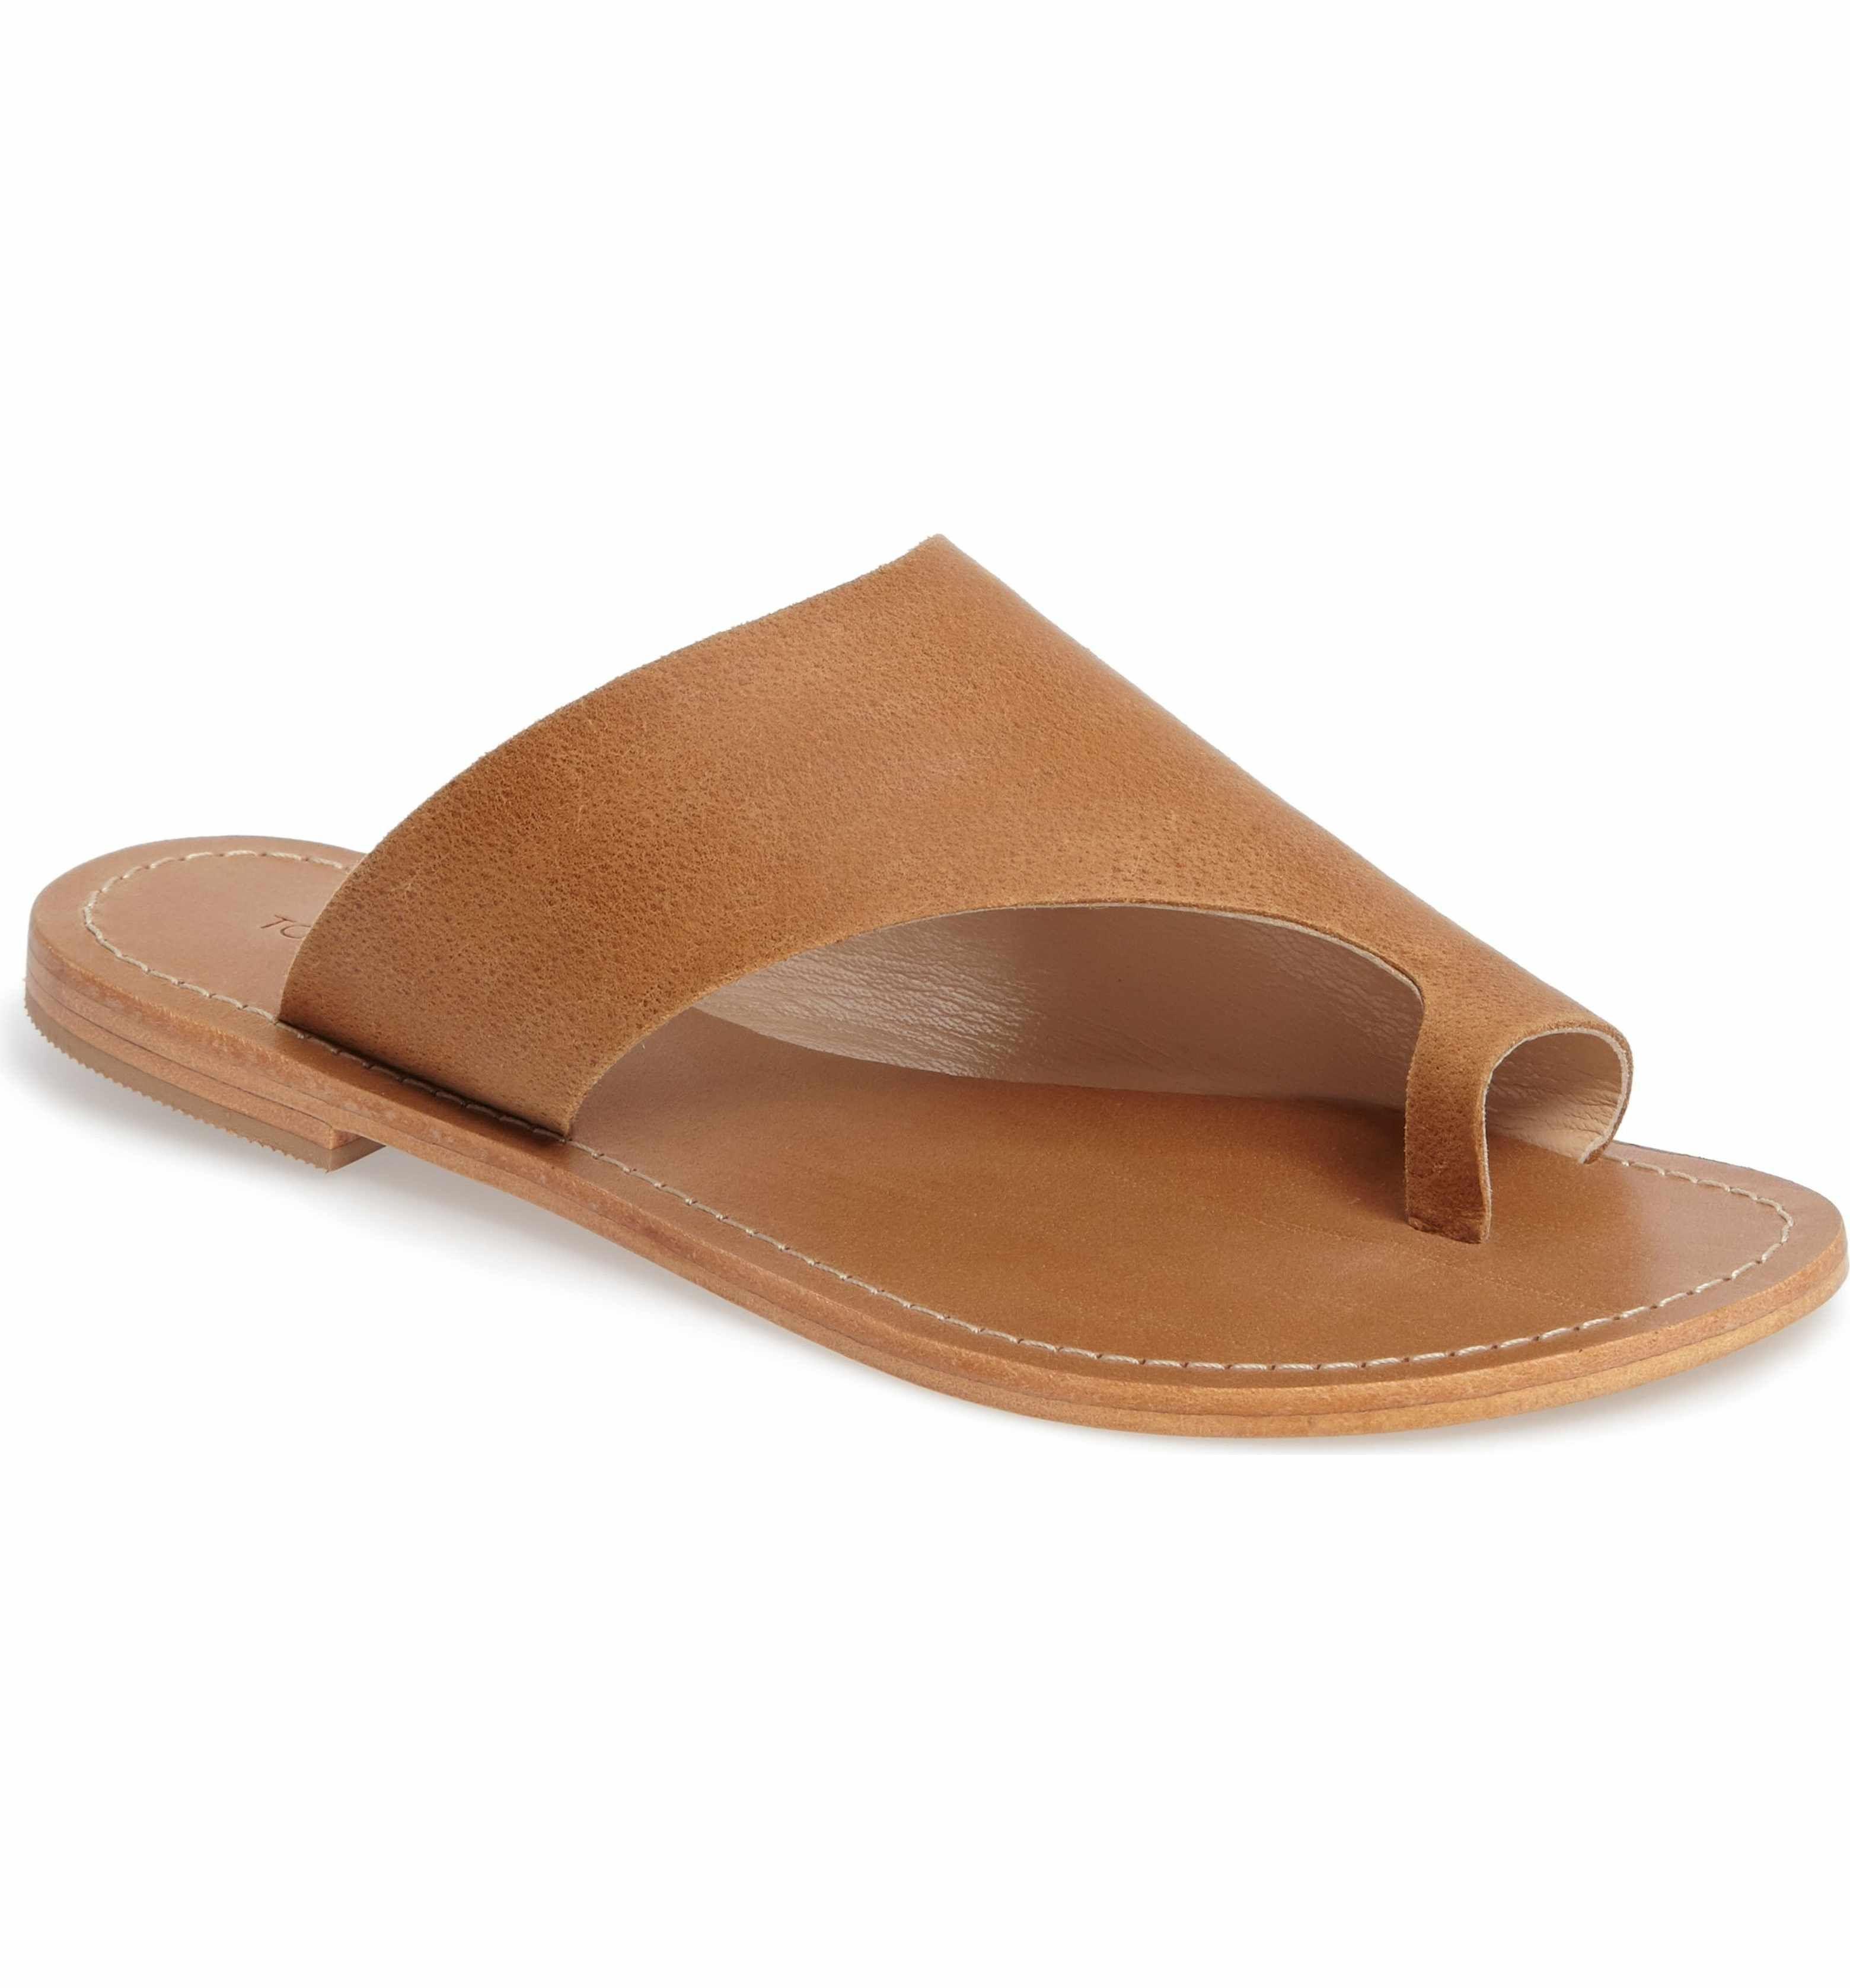 Tony Bianco Fleet Thong Slide Sandals zEqNfUt